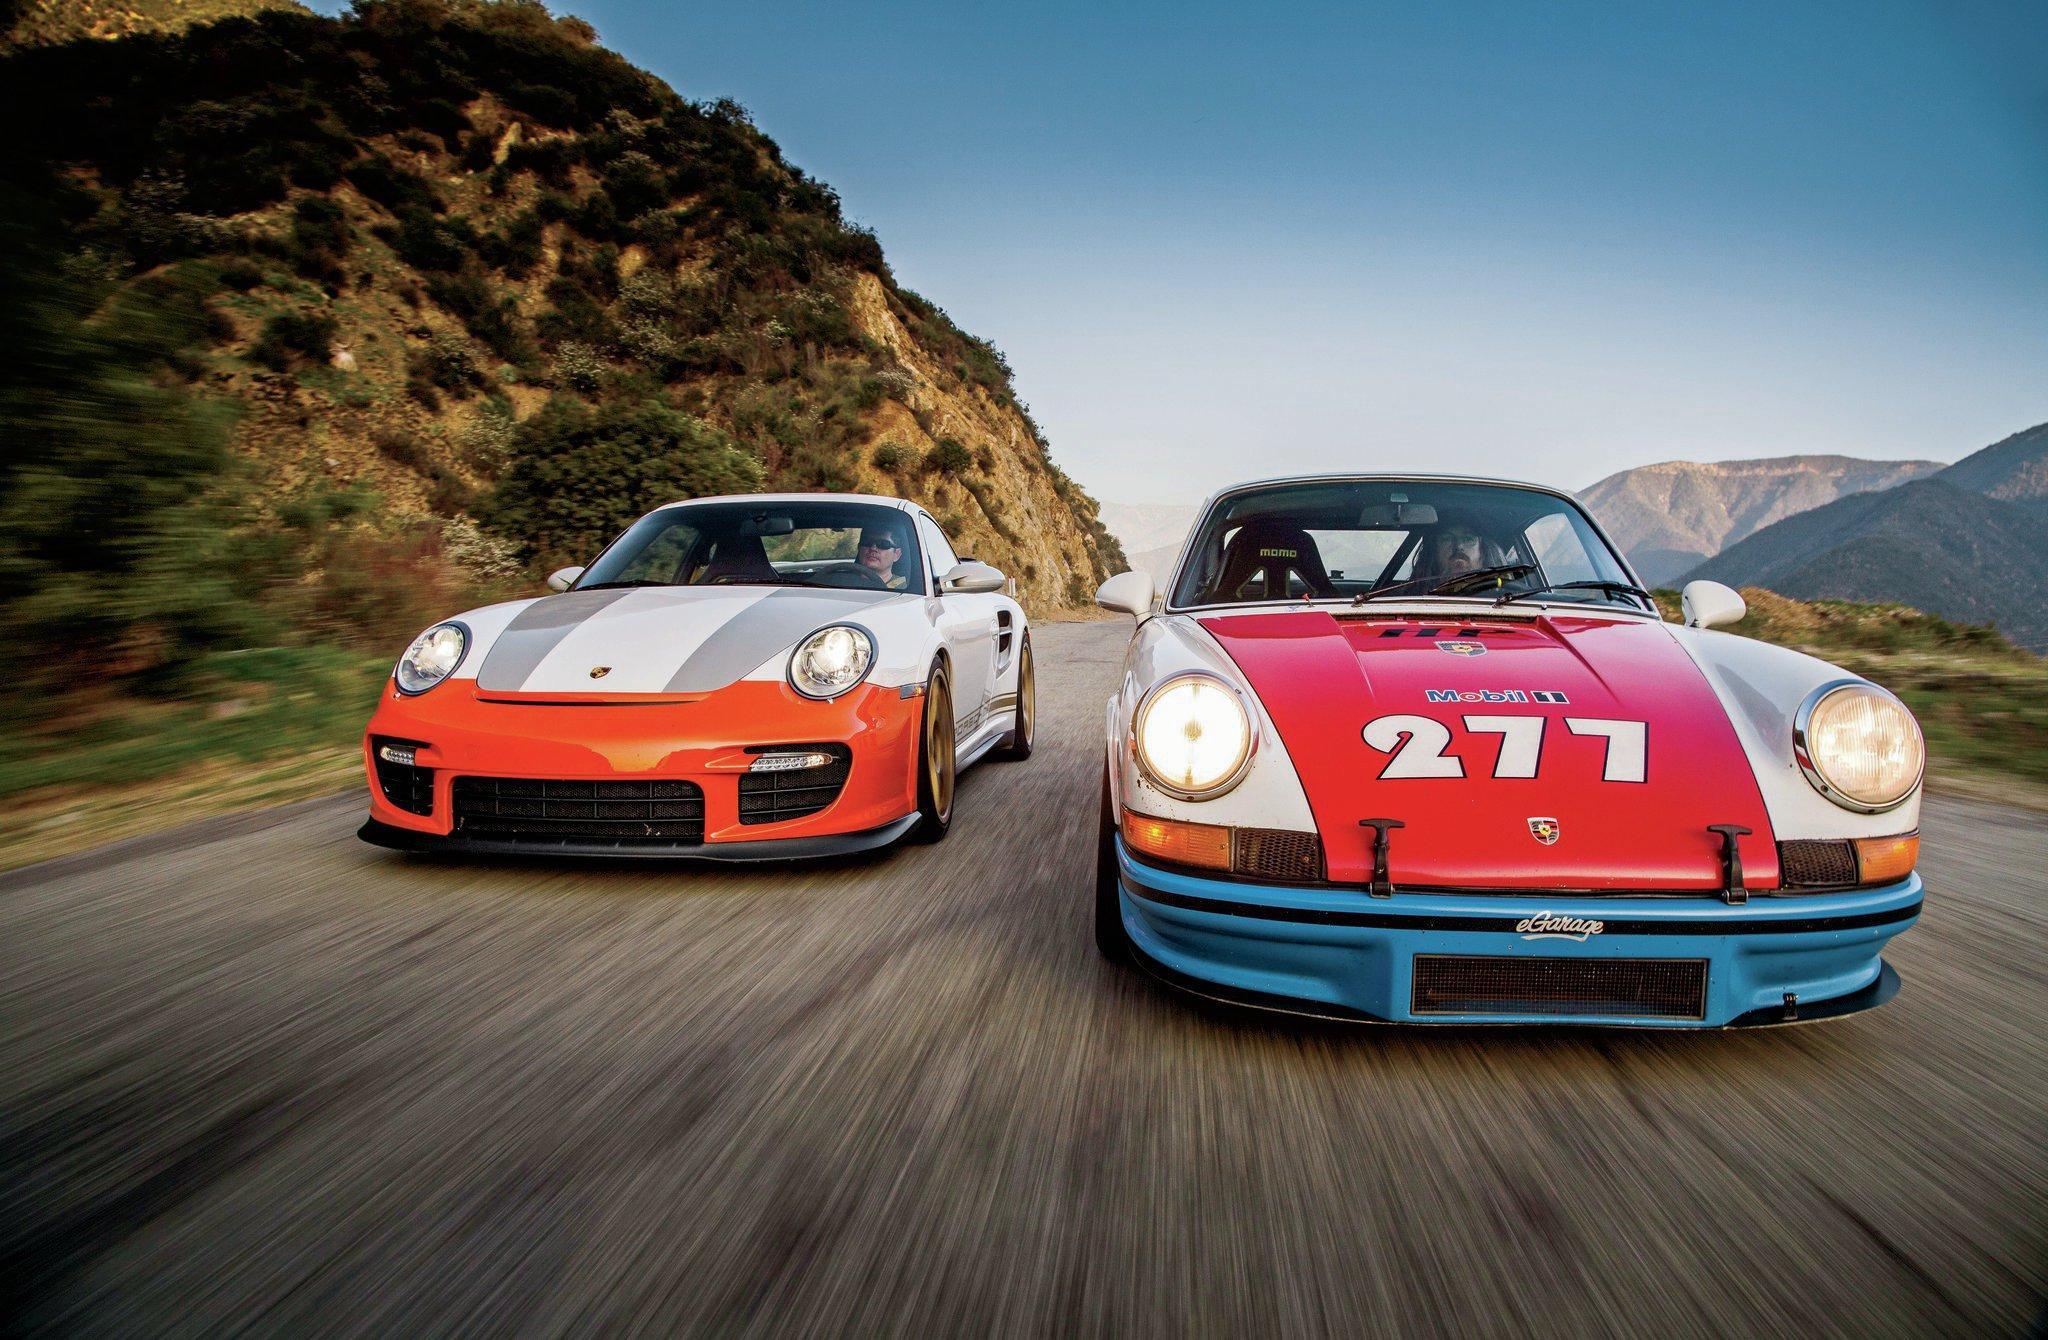 sharkwerks-2008-porsche-911-gt2-magnus-walker-1971-911-t-2771 Stunning 2008 Porsche 911 Gt2 Horsepower Cars Trend